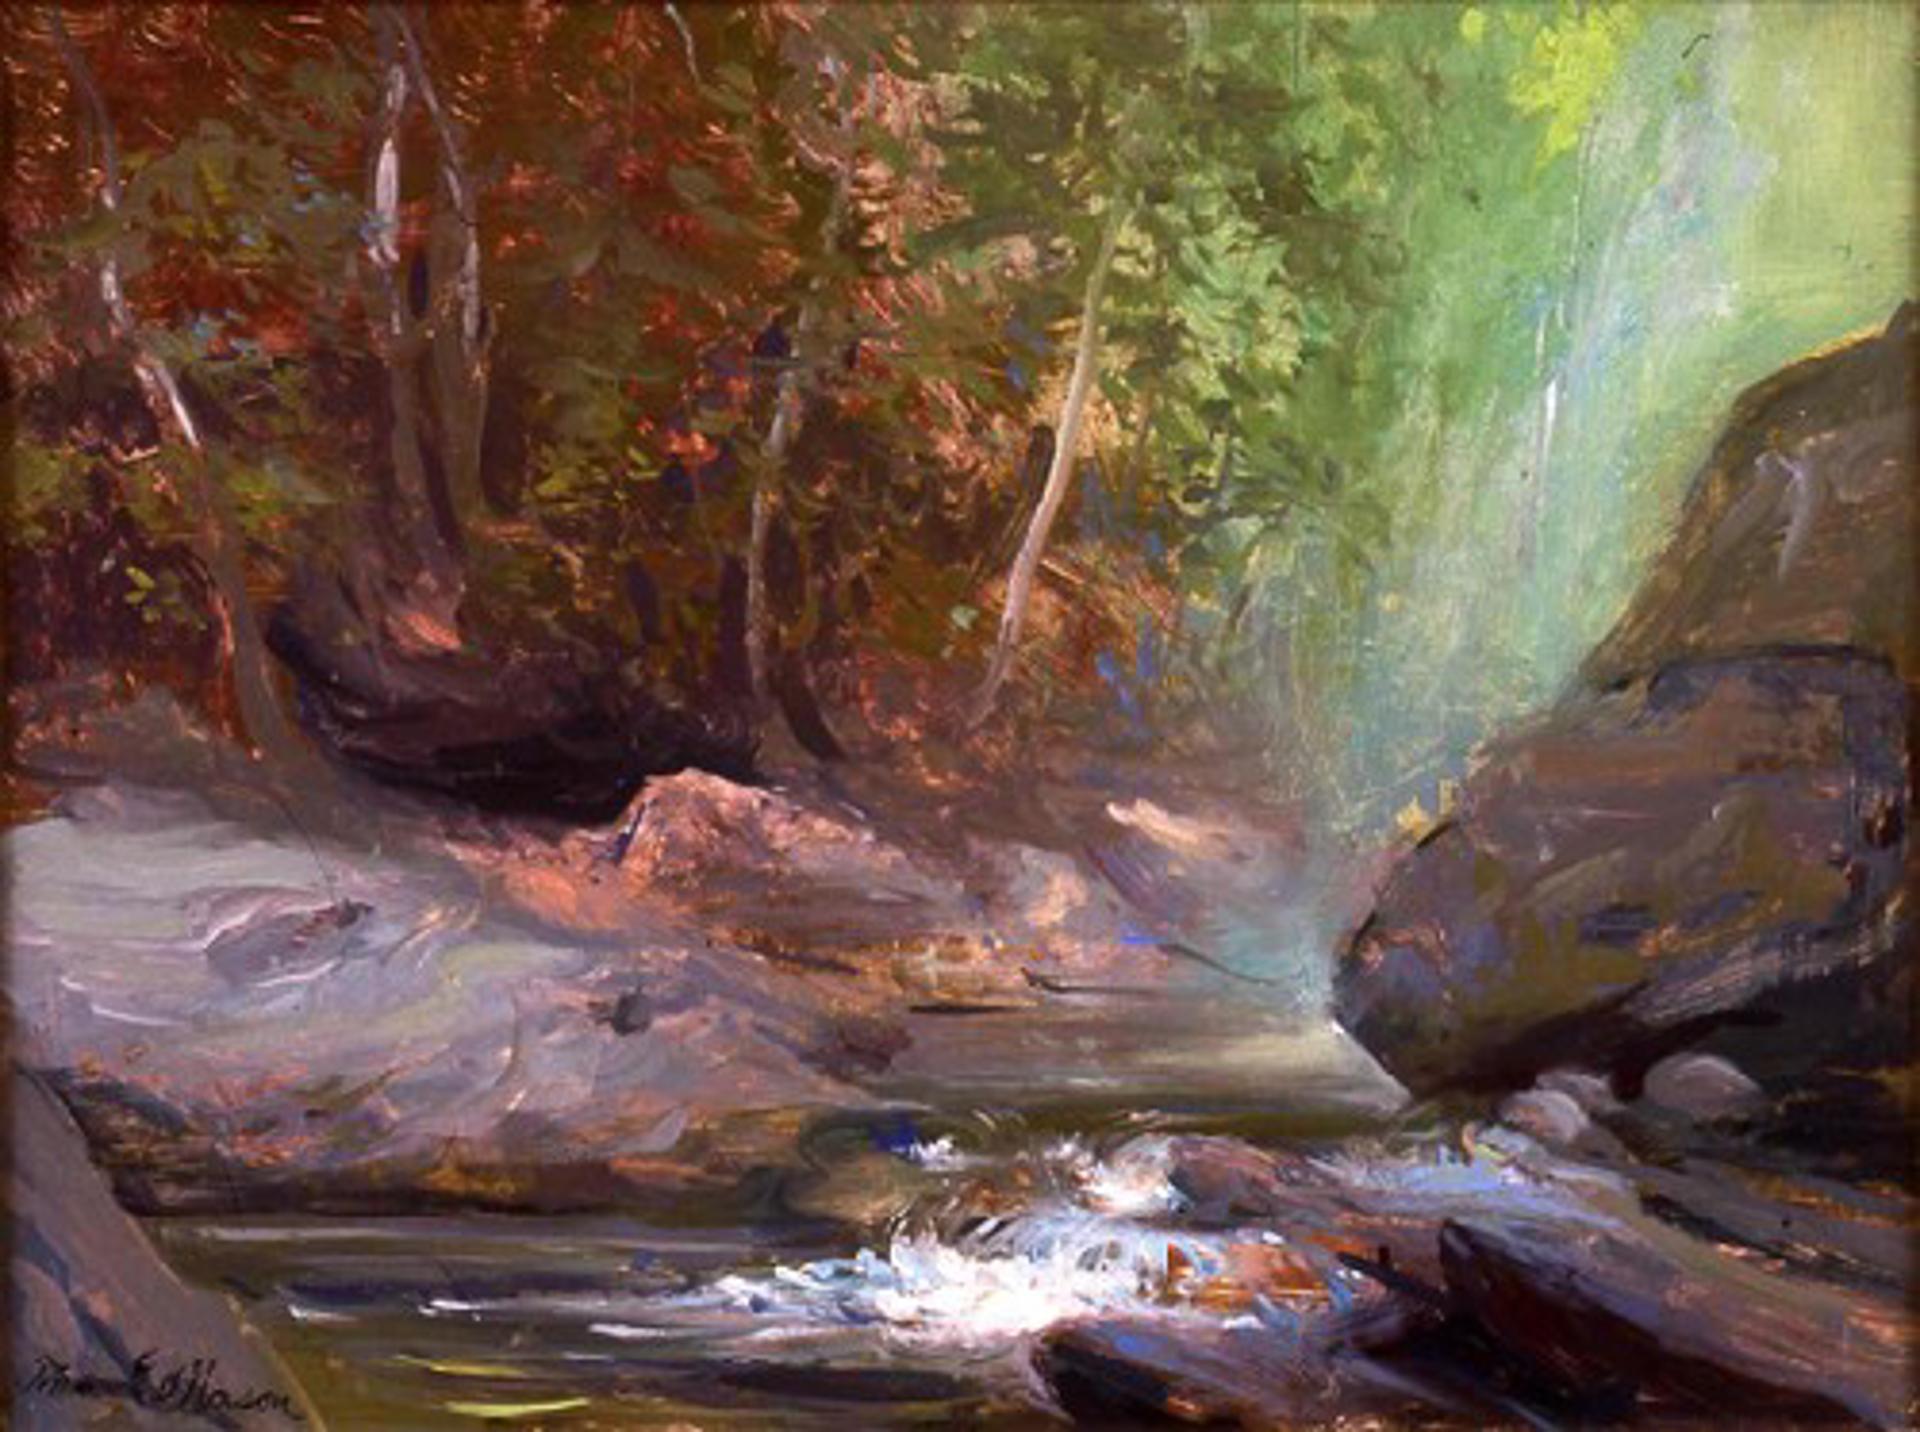 Great Rock, Moss Glen by Frank Mason (1921 - 2009)